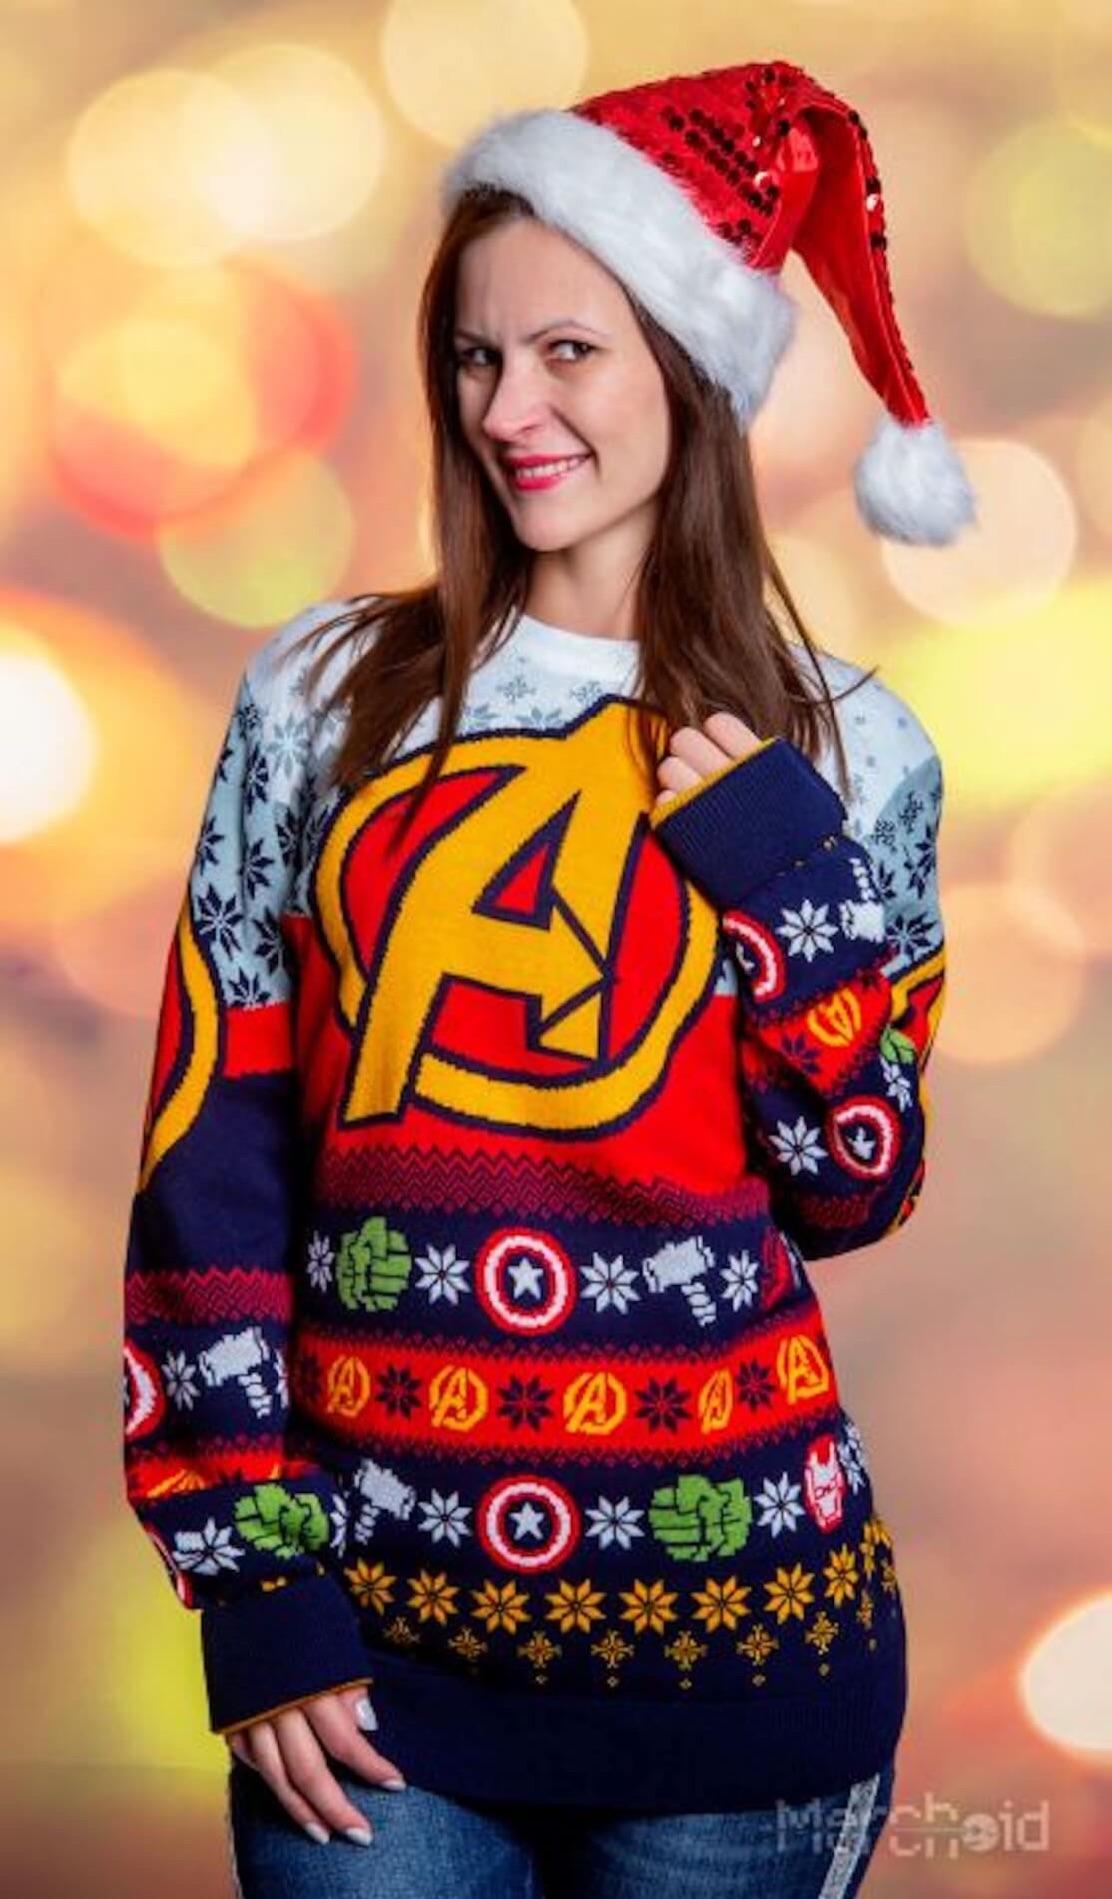 マーベルヒーローのダサいセーターがヤバすぎるw